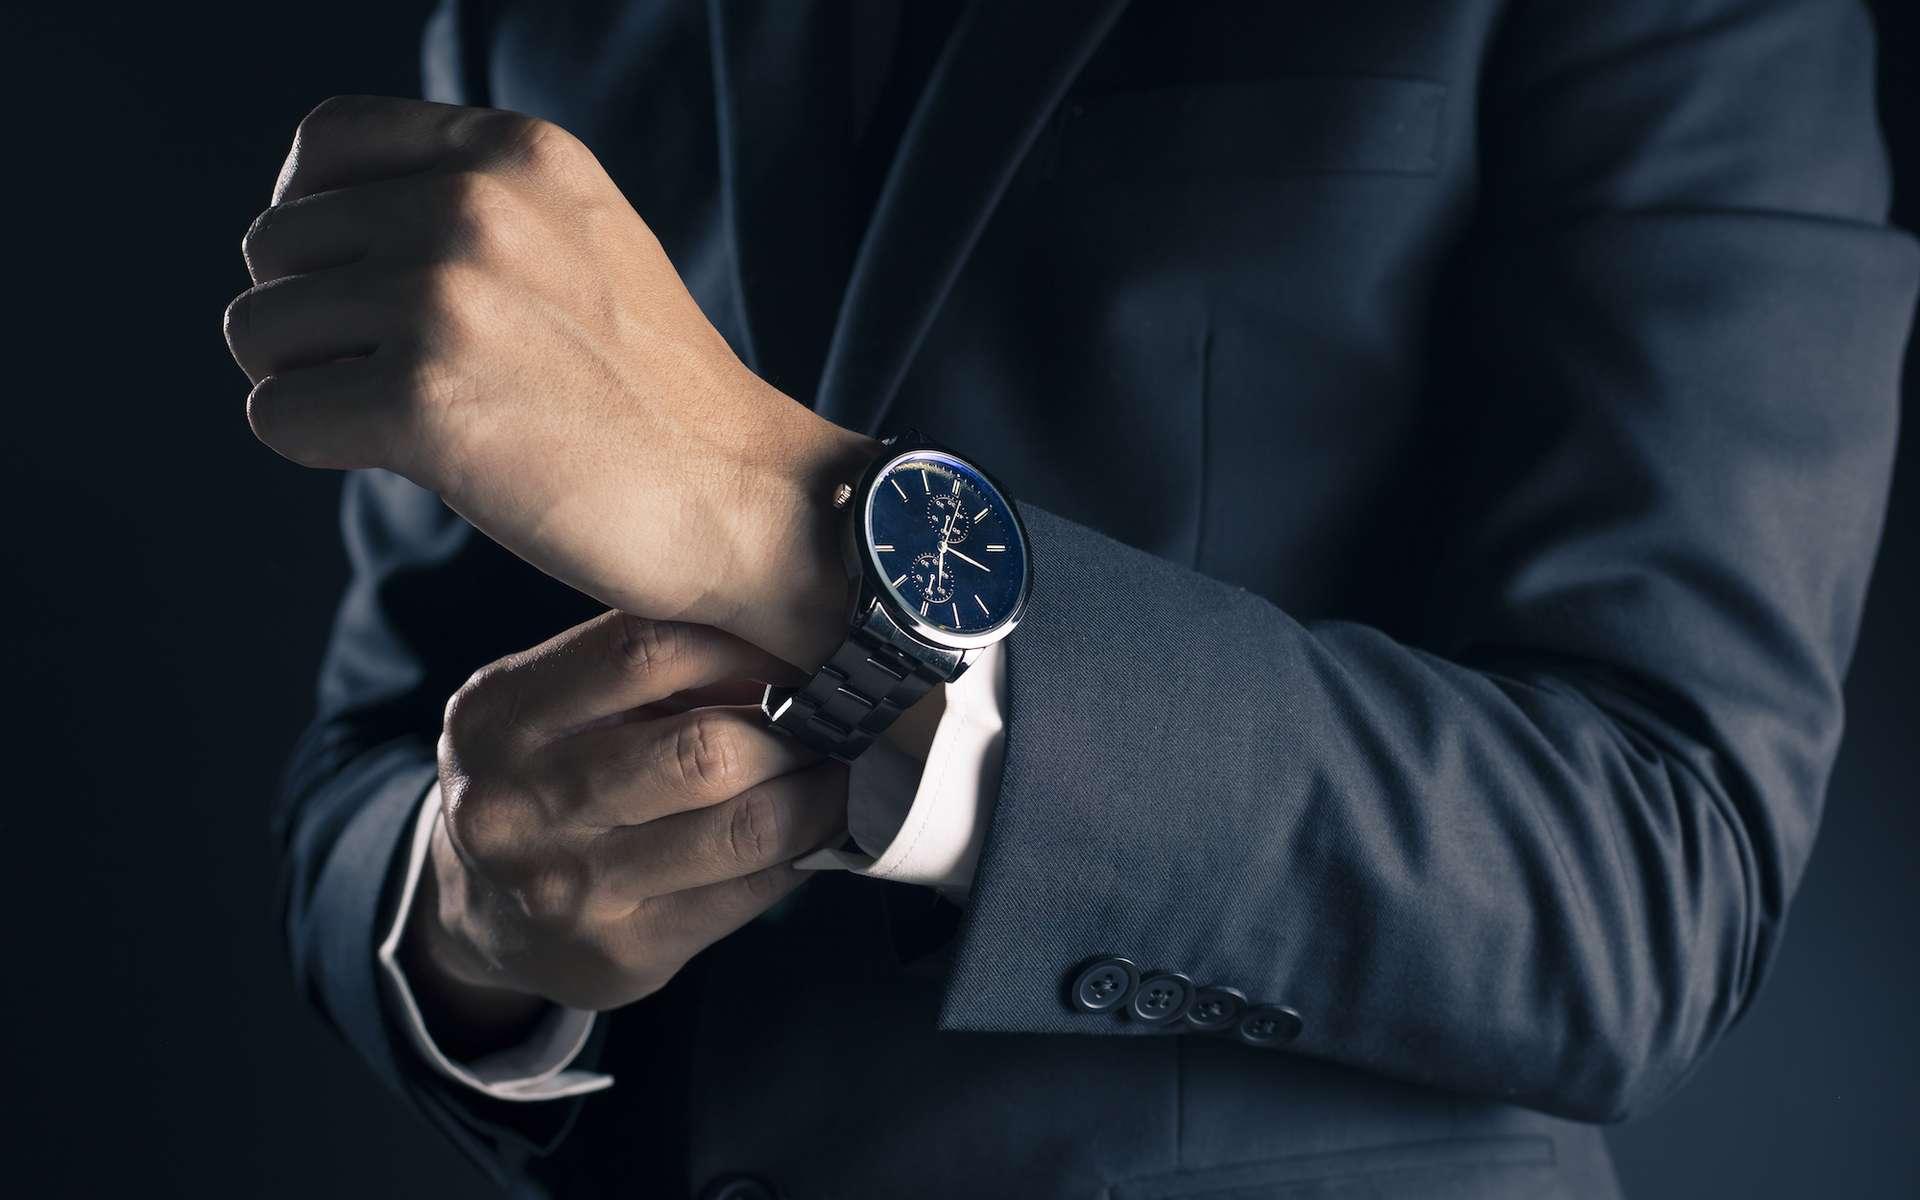 Le fabricant japonais Seiko a été le premier à commercialiser une montre alimentée, grâce à l'effet Seebeck, par la chaleur du corps. © CHAjAMP, Shutterstock